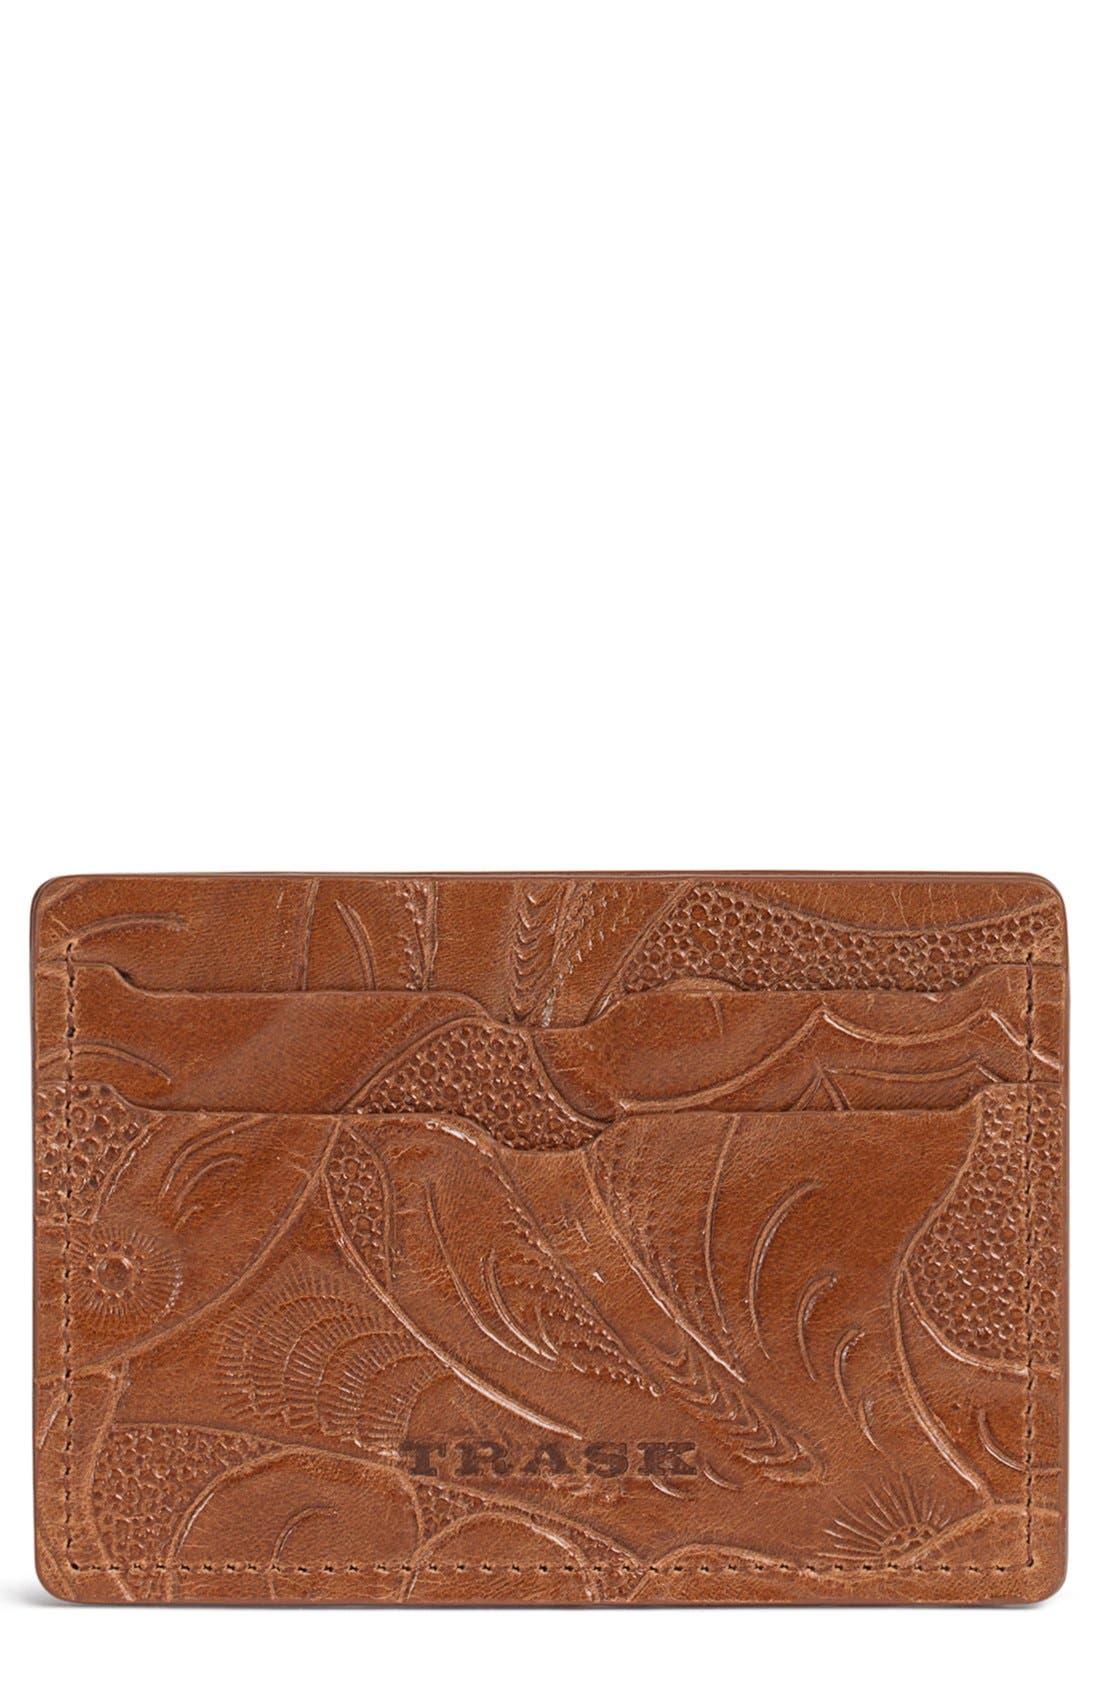 'Jackson' Italian Steer Leather Card Case,                             Main thumbnail 1, color,                             240